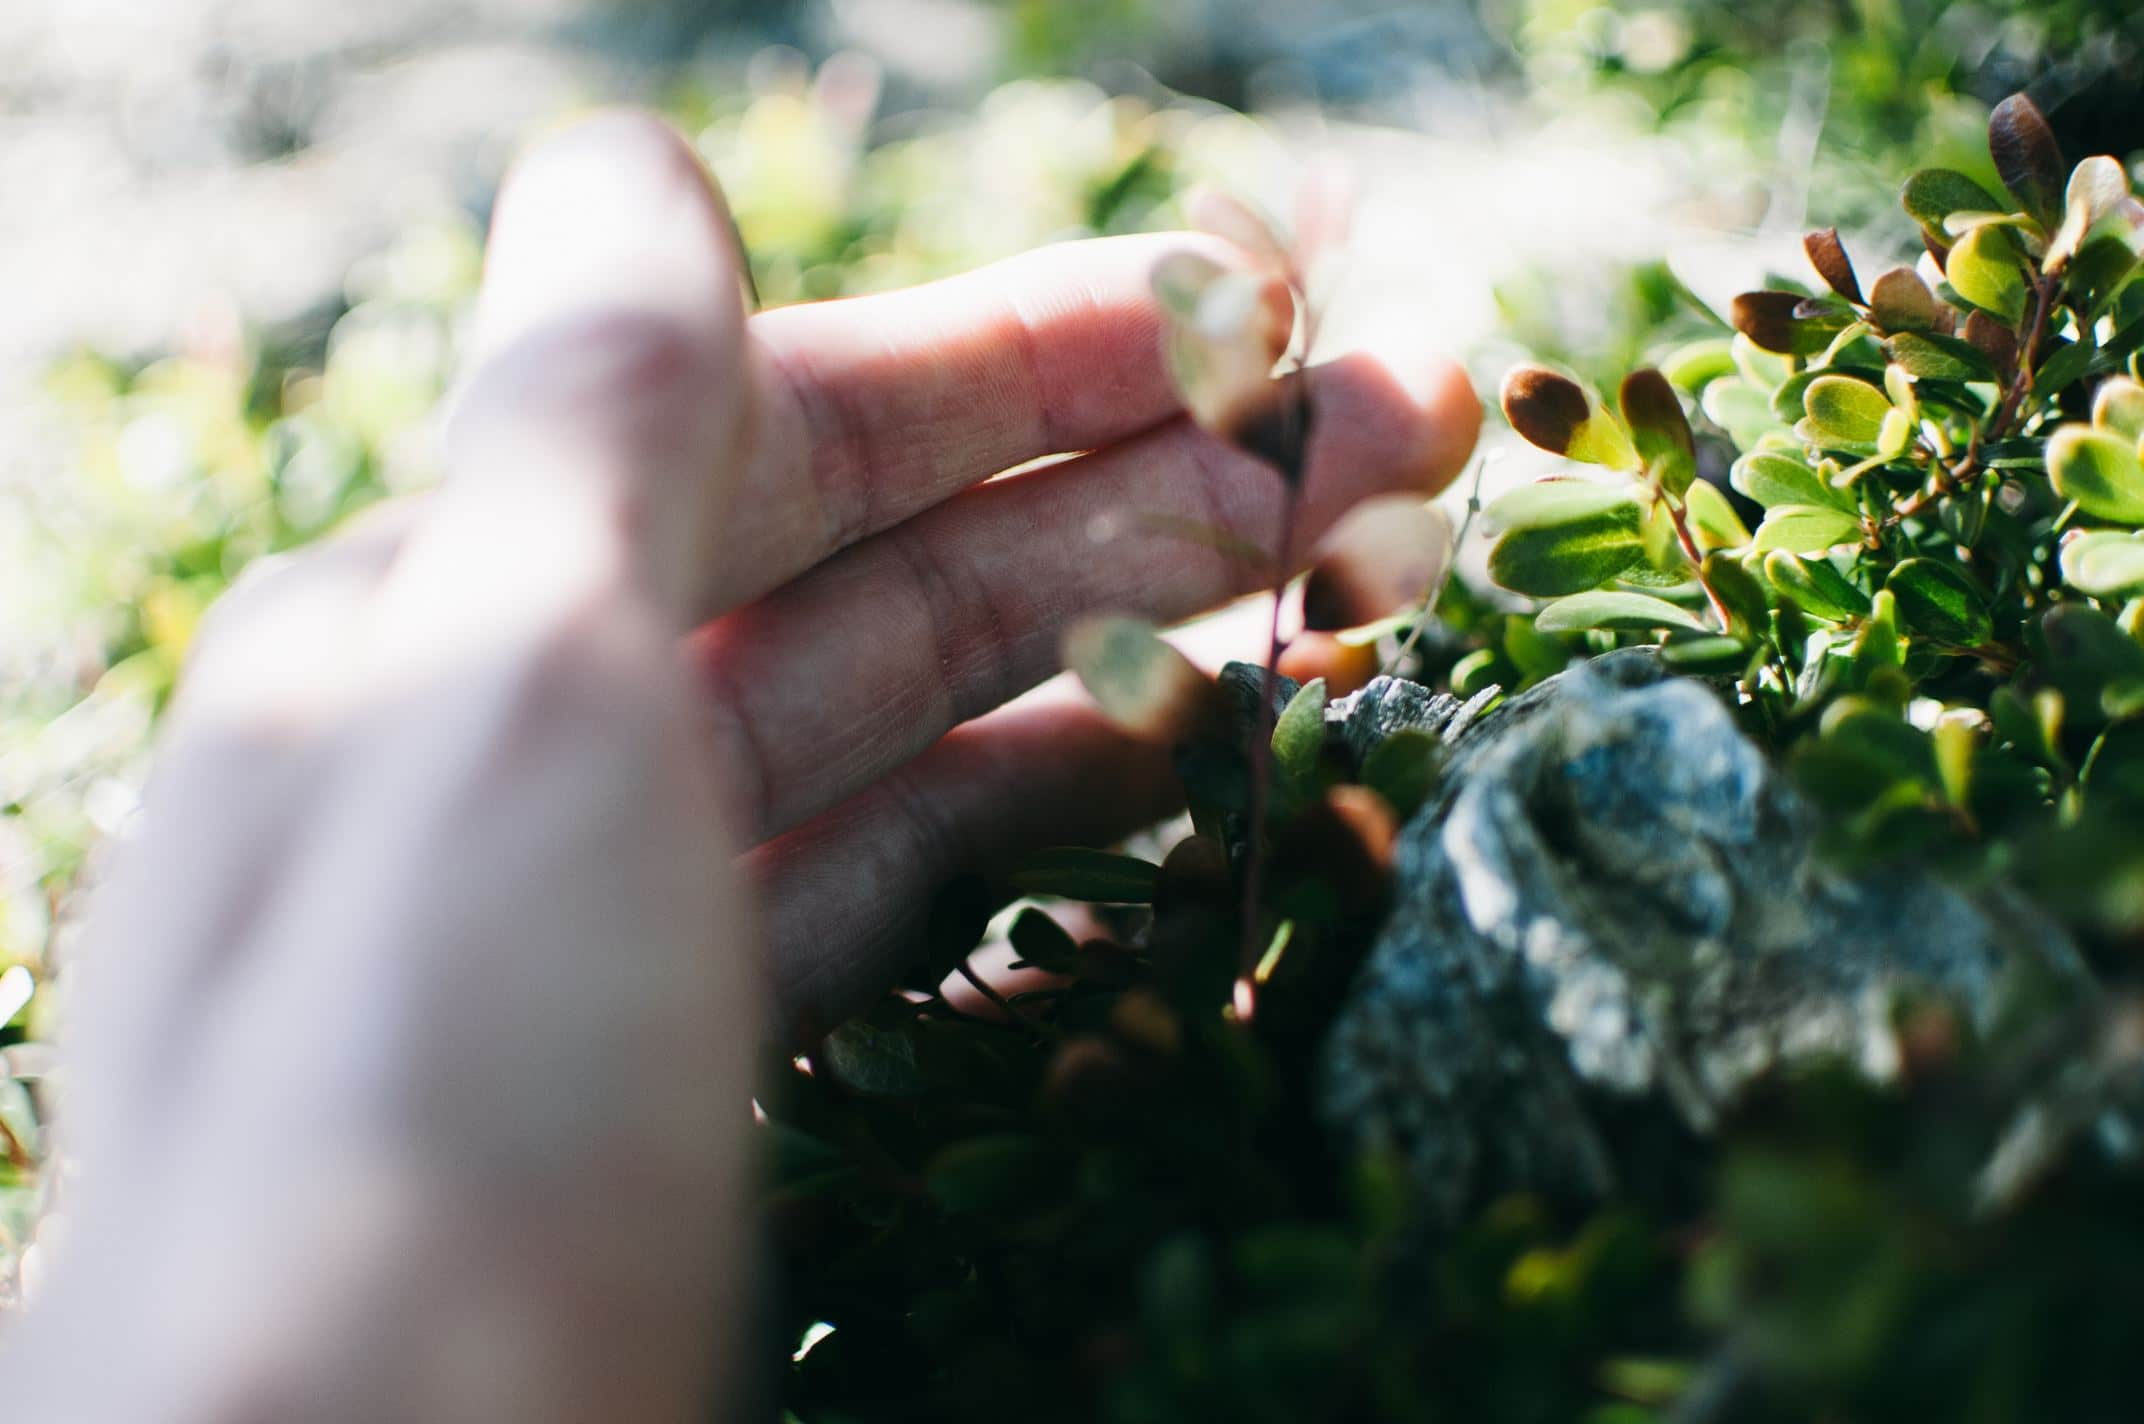 Mão com dedos tocando folhas pequenas de planta